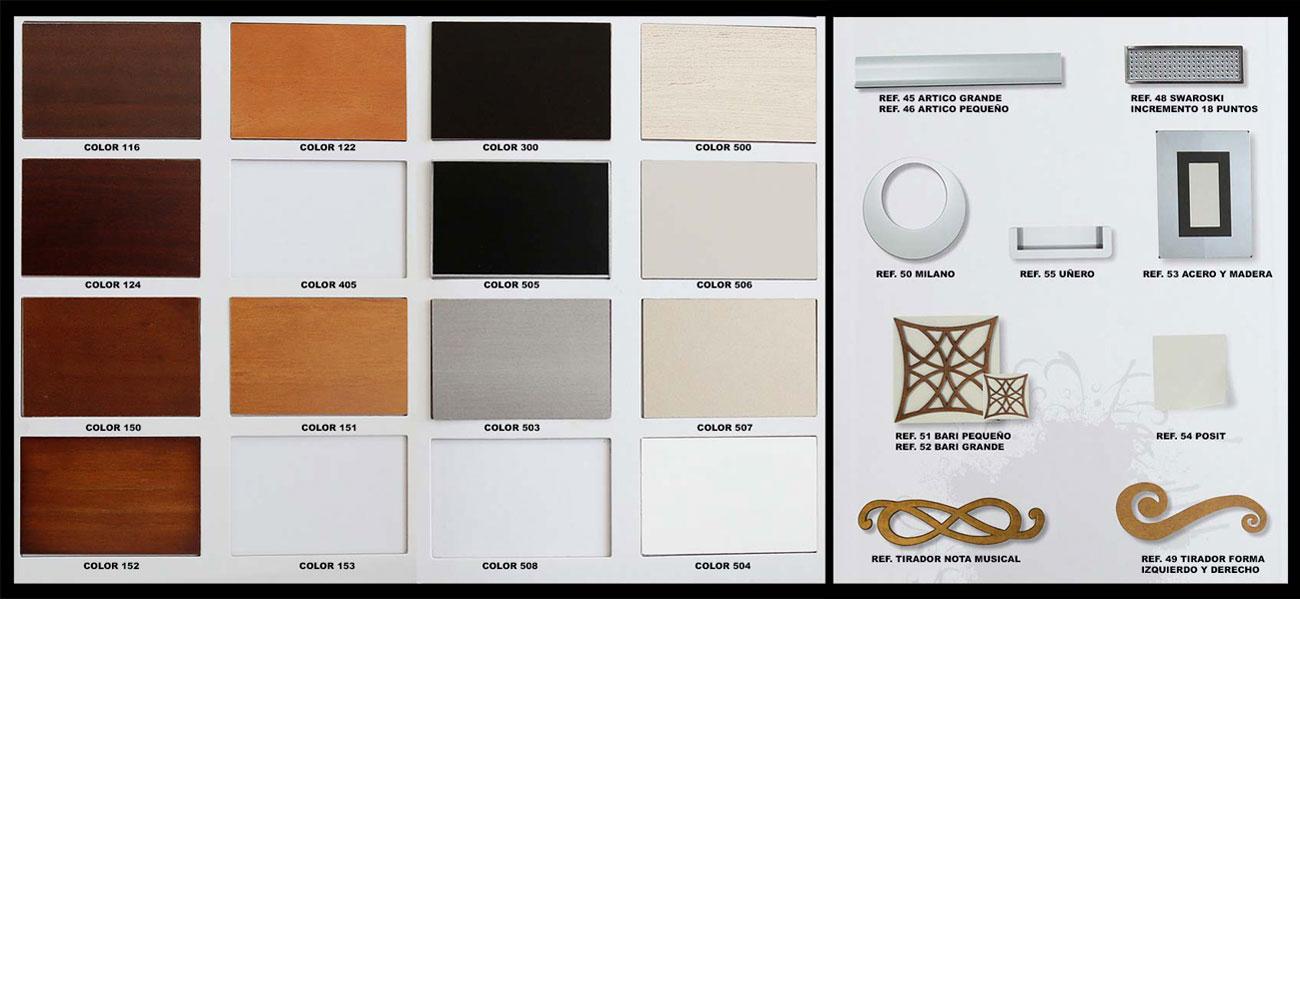 Colores tiradores14